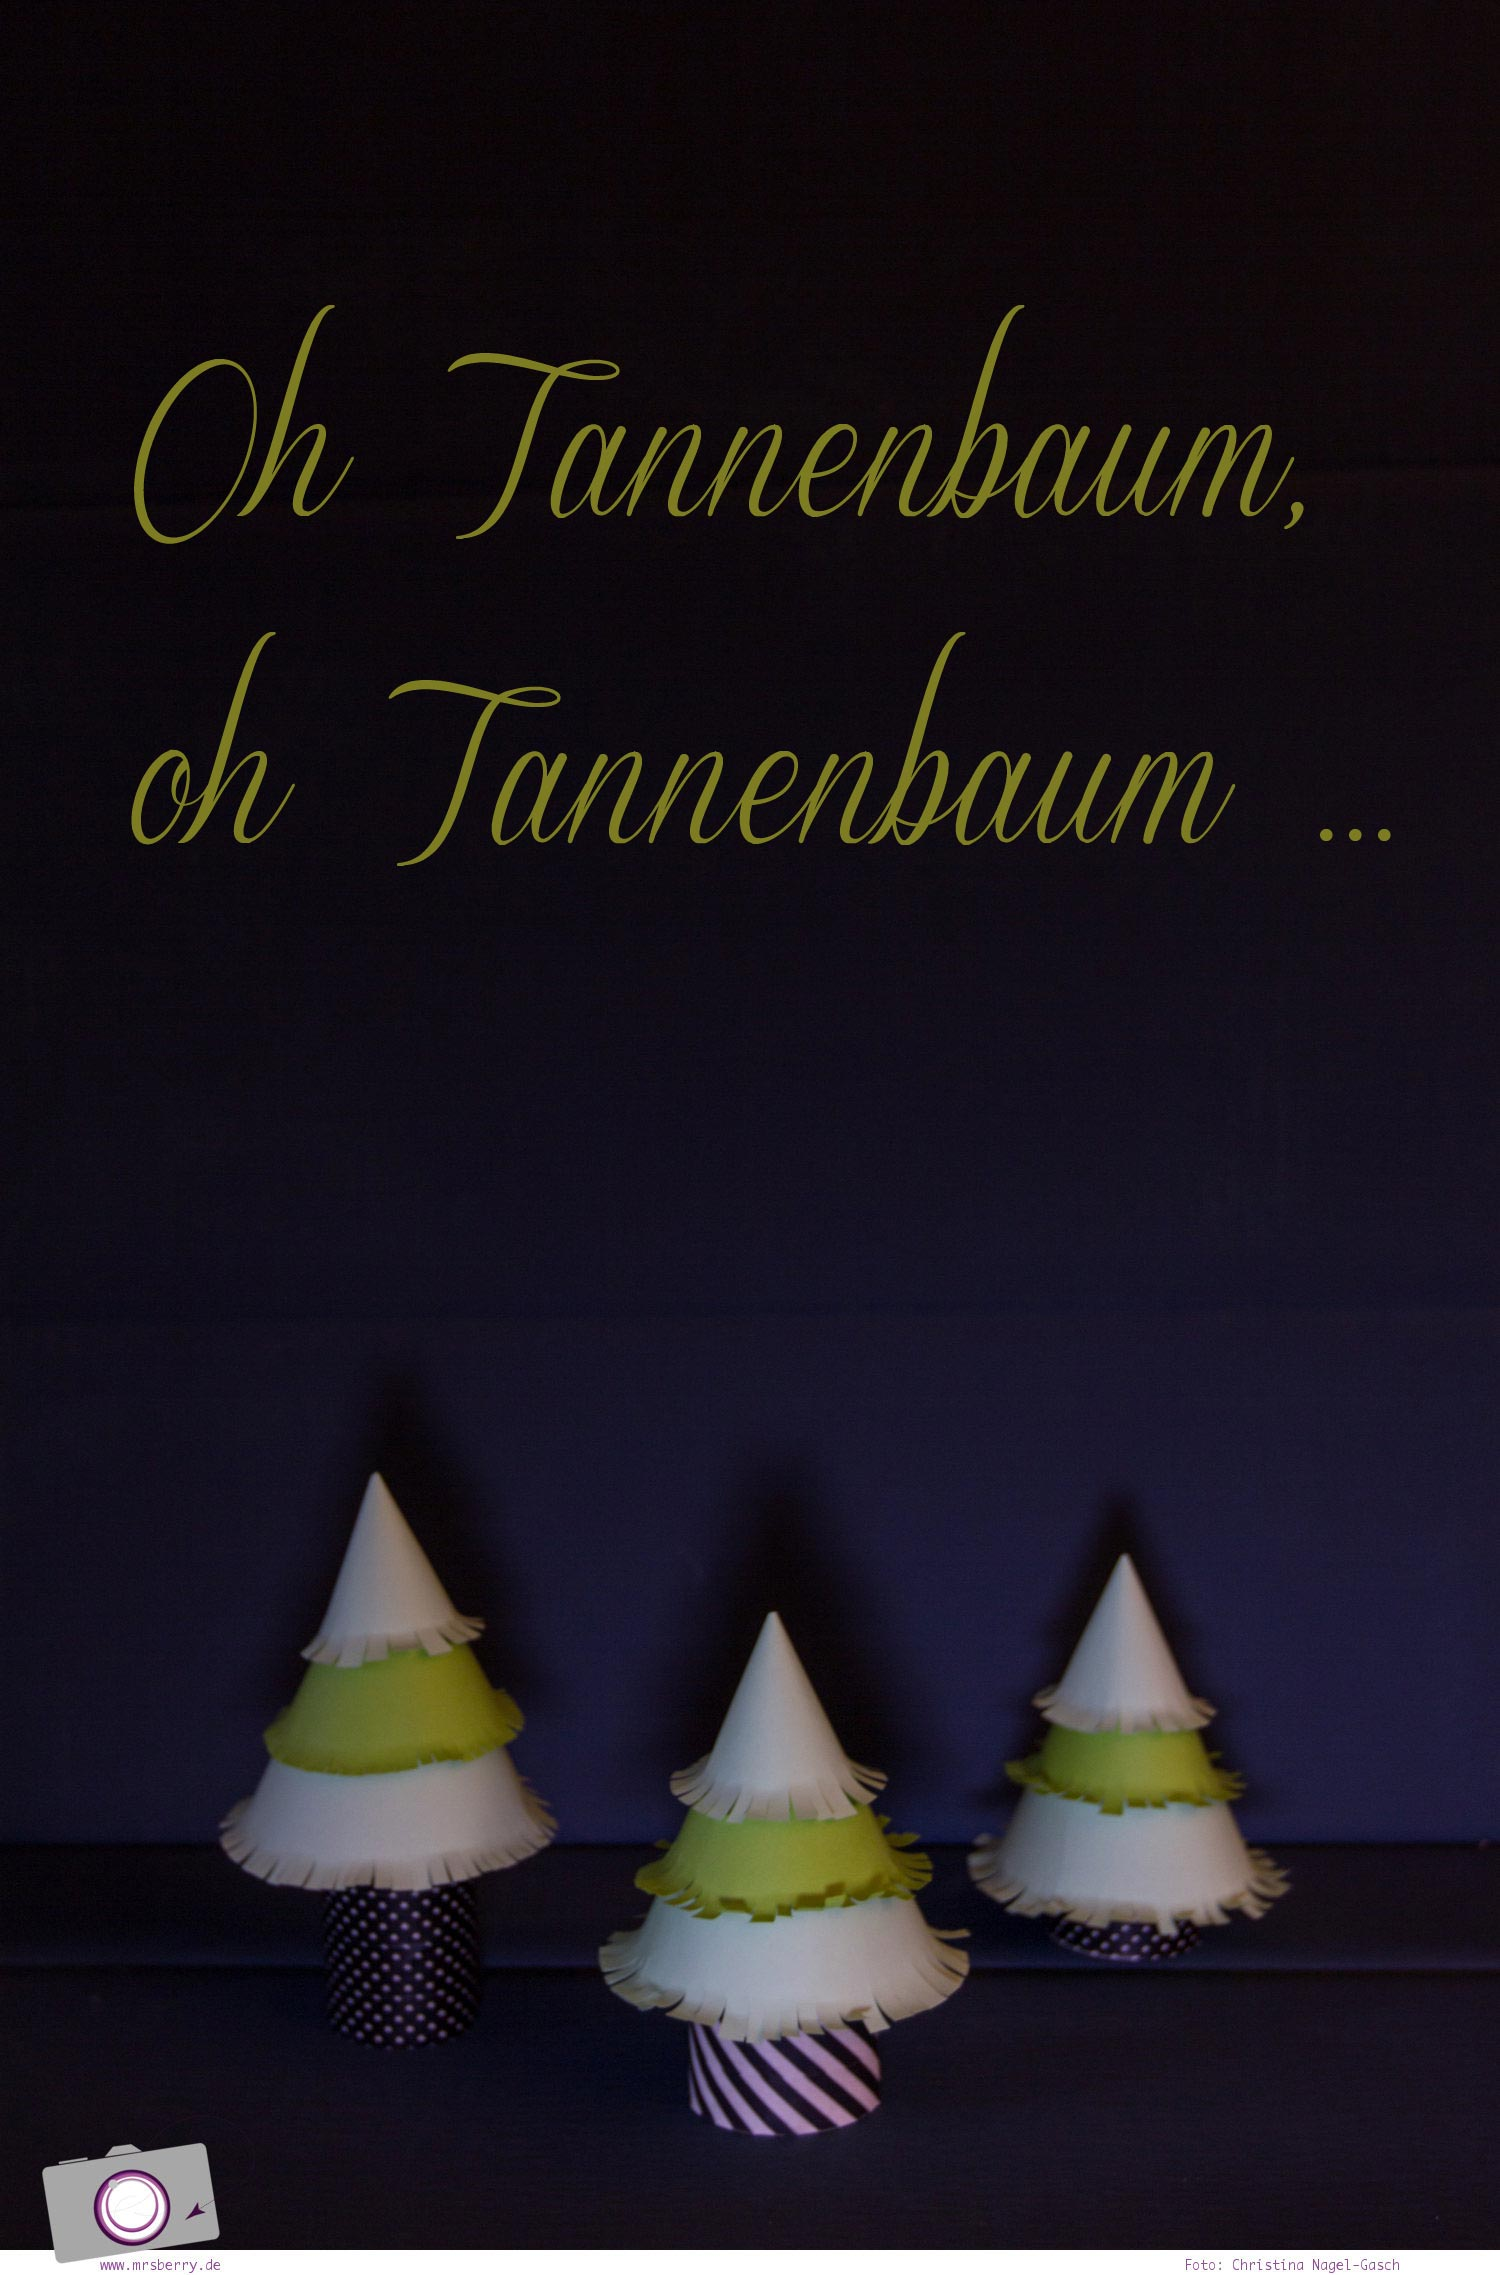 Adventskalender selber machen: basteln mit Klorollen - Tannenbaum / Weihnachtsbaum aus Klorollen basteln